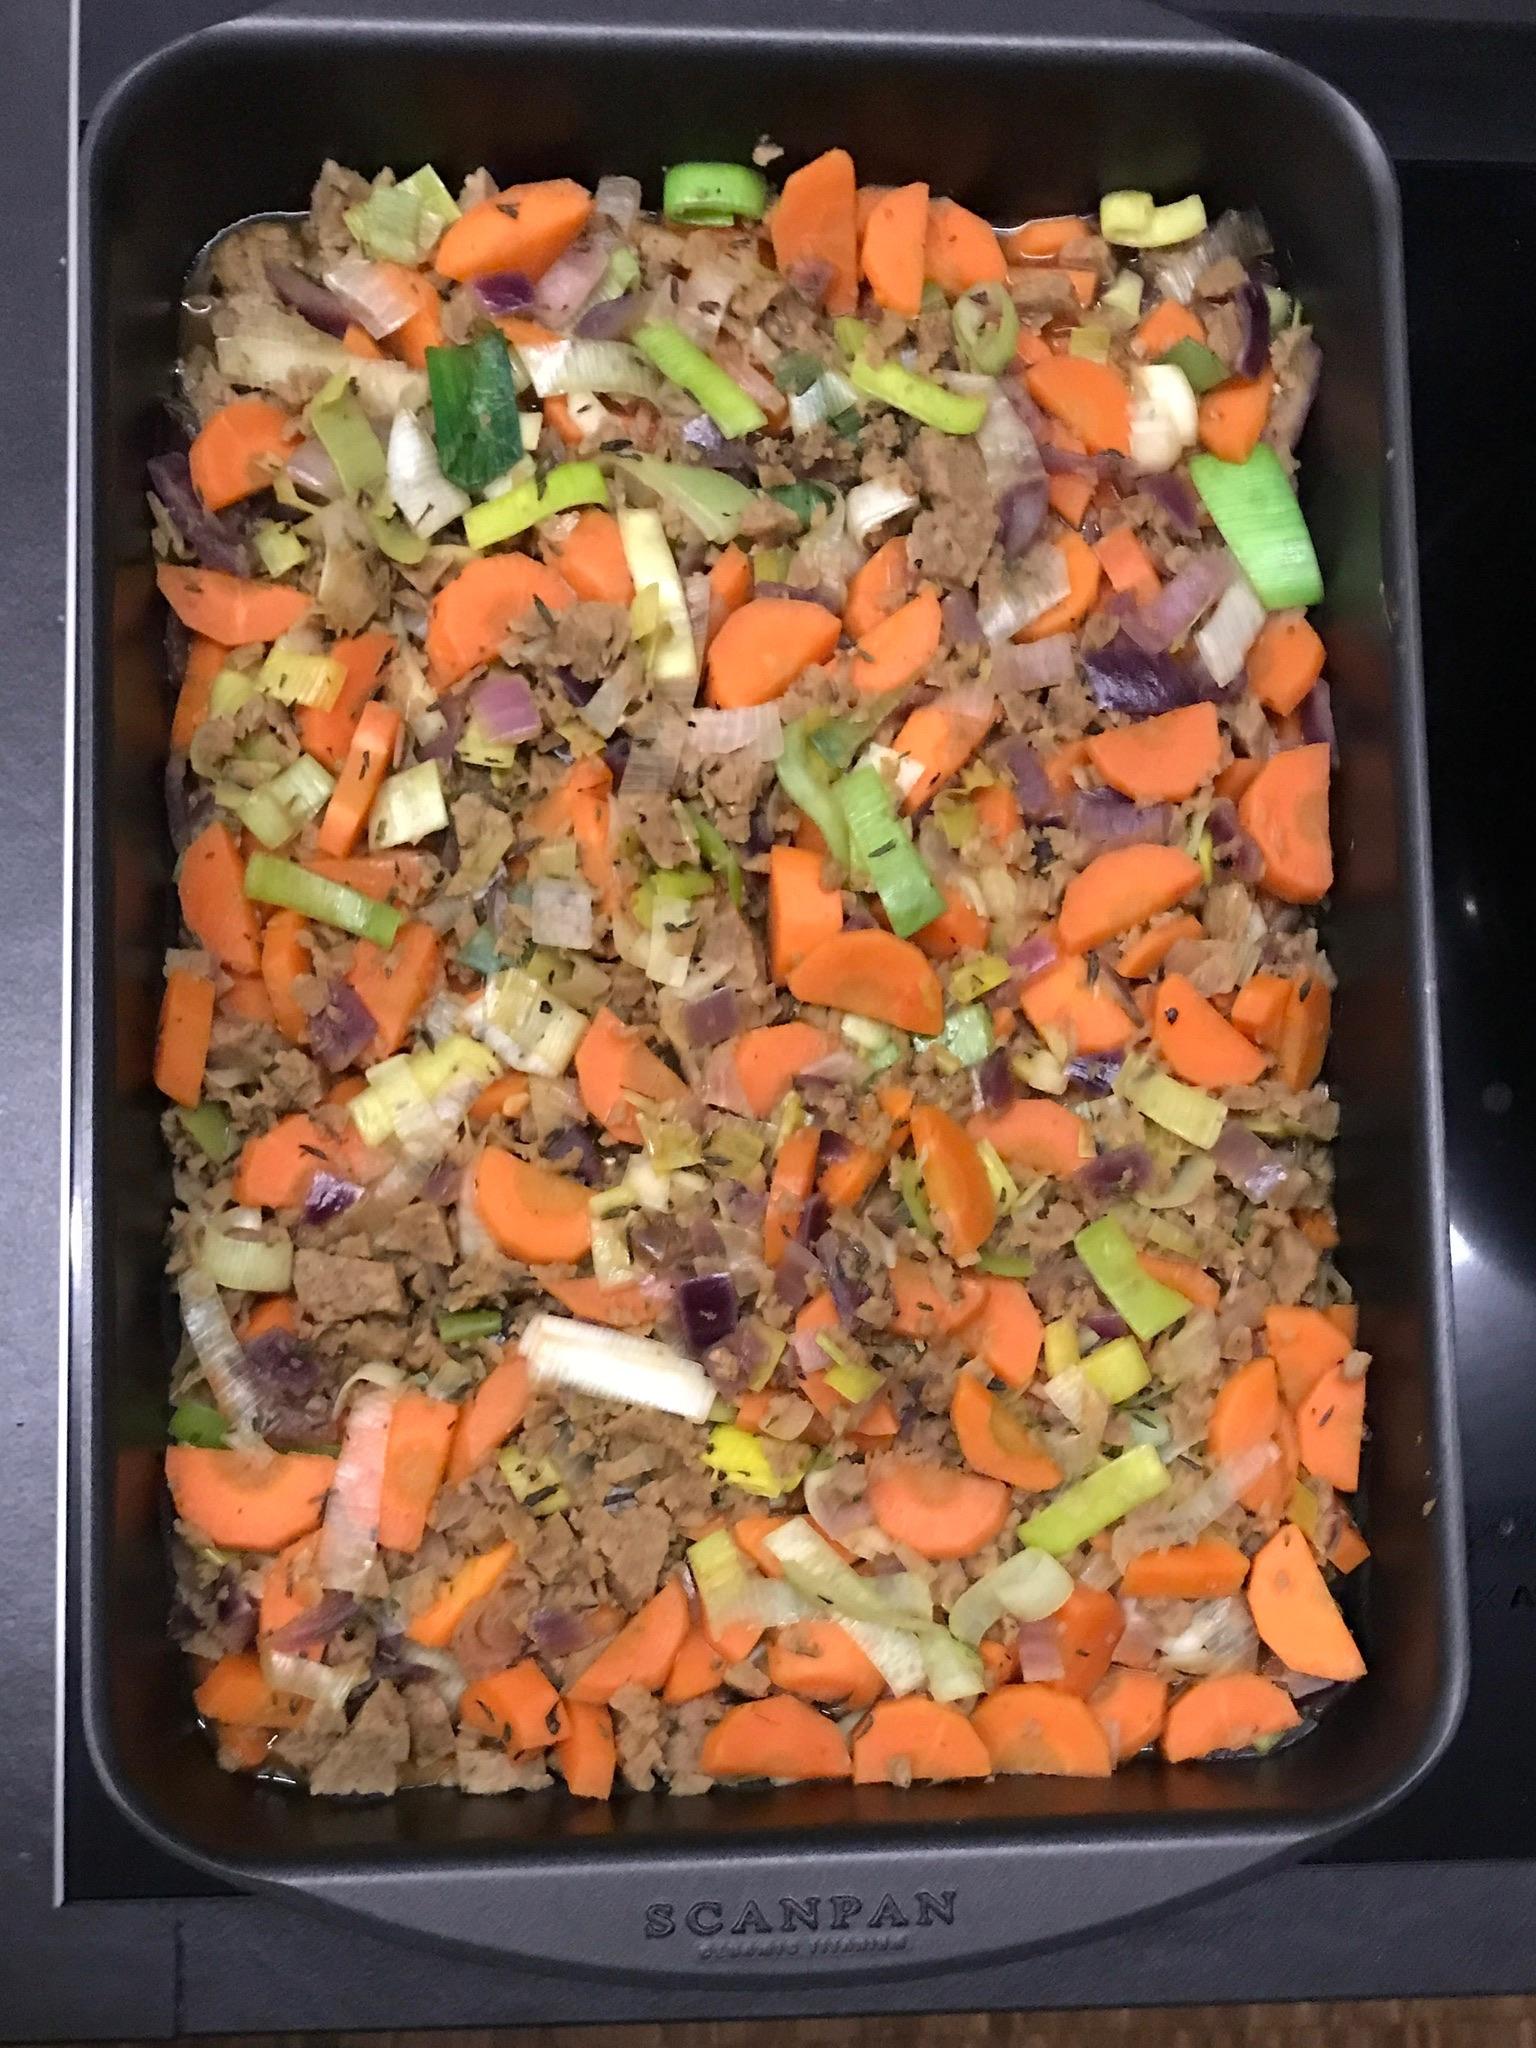 schep de groentjes en het gehakt in een ovenschaal